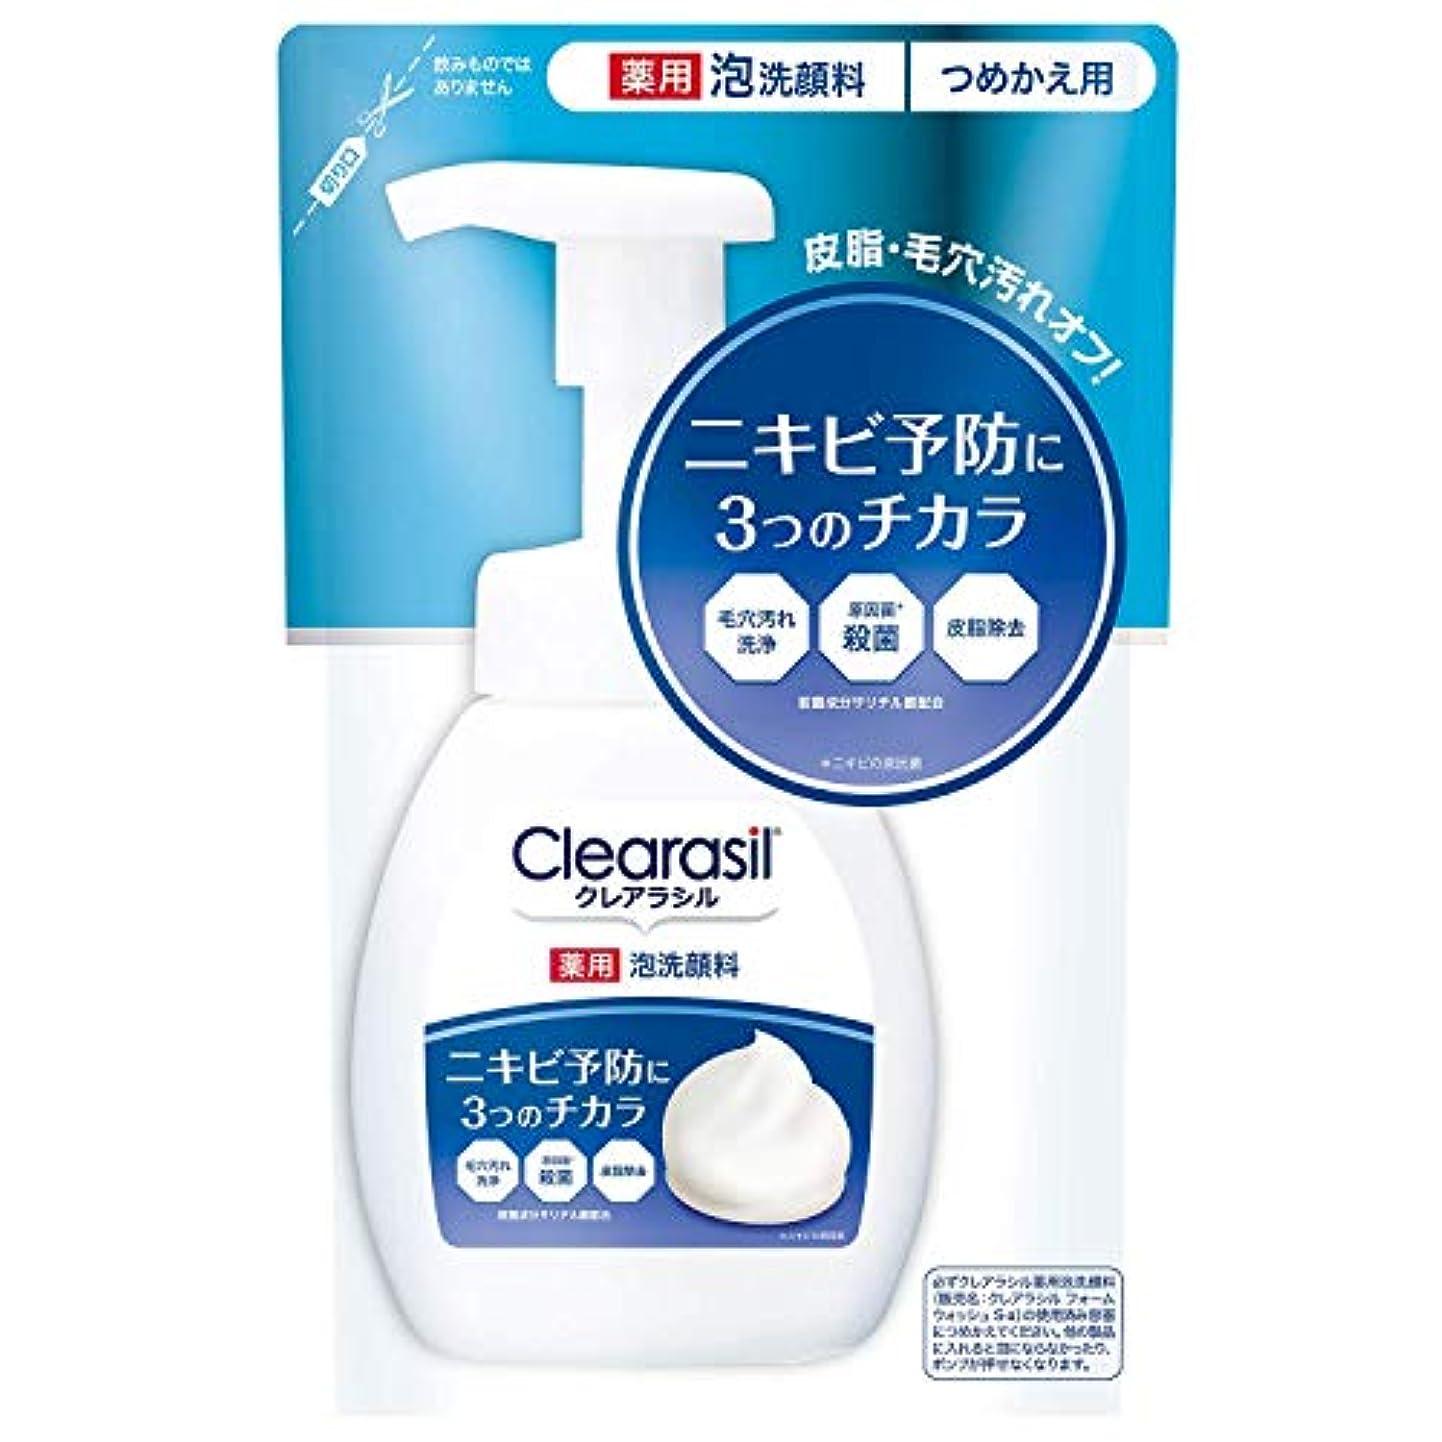 ノミネート好ましいボウリング【clearasil】クレアラシル 薬用泡洗顔フォーム10 つめかえ用 (180ml) ×10個セット